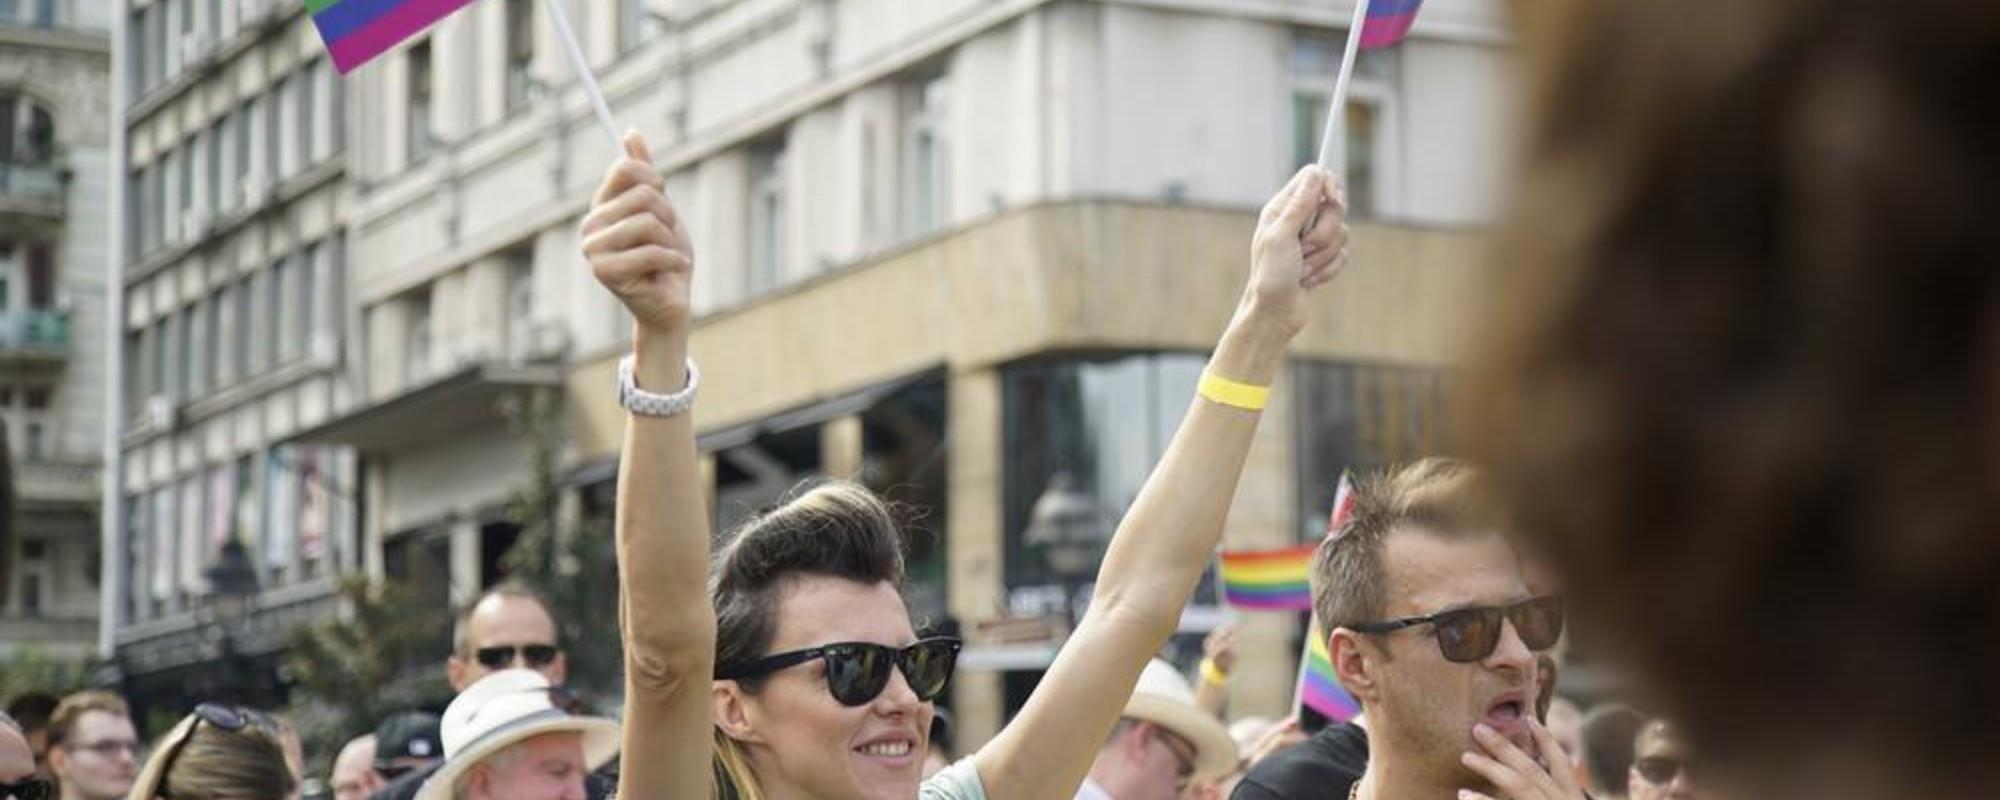 Fotografii de la aniversarea de trei ani a paradei gay din Belgrad